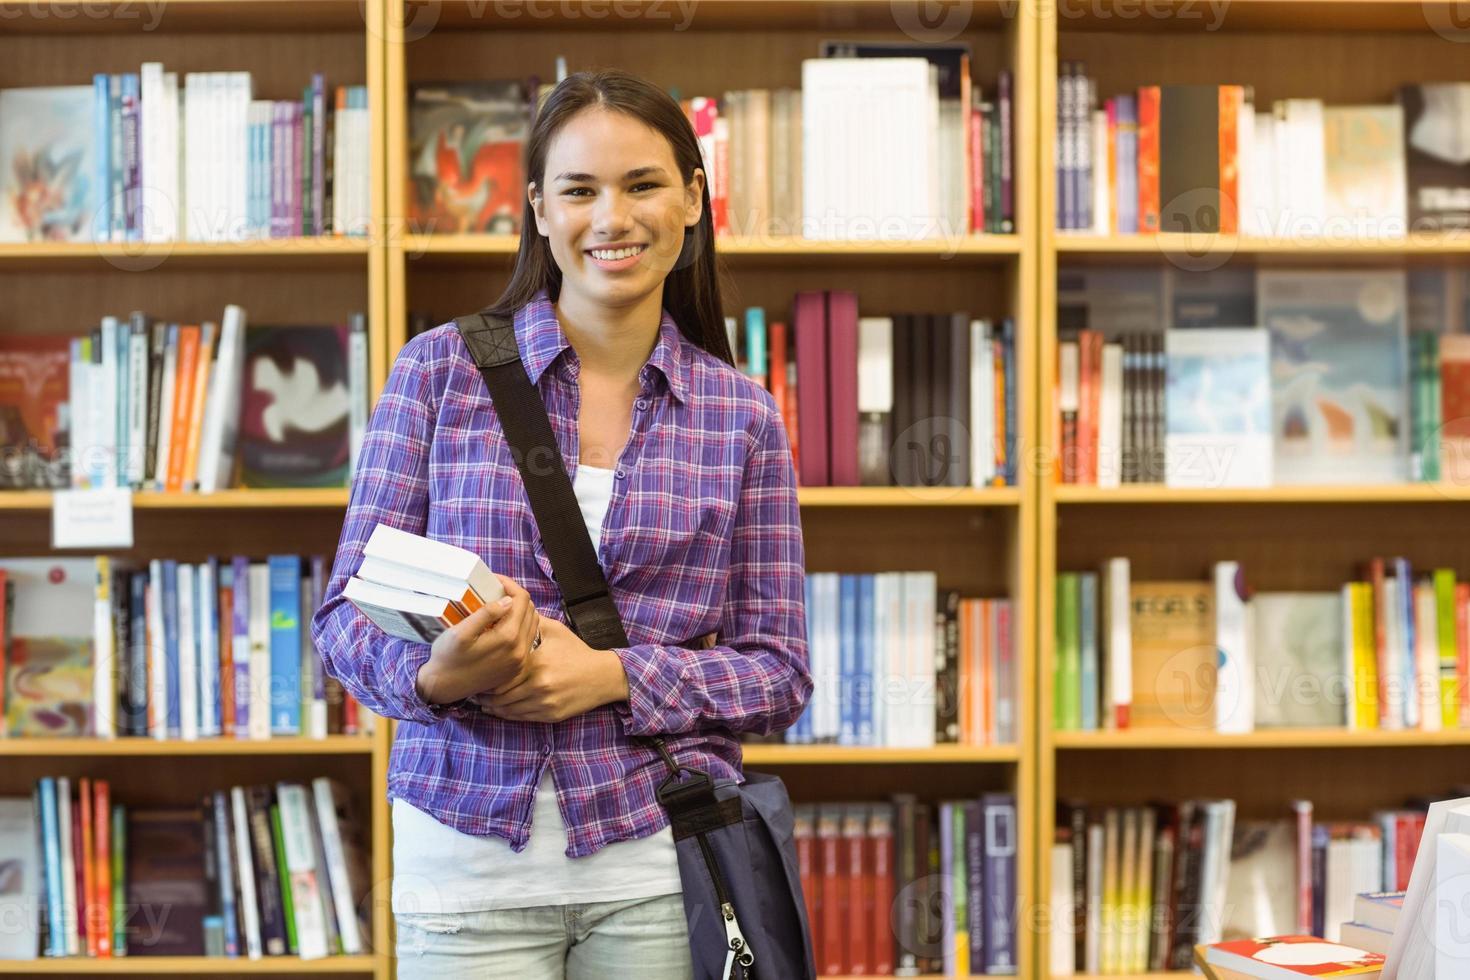 estudante universitário sorridente segurando o livro foto